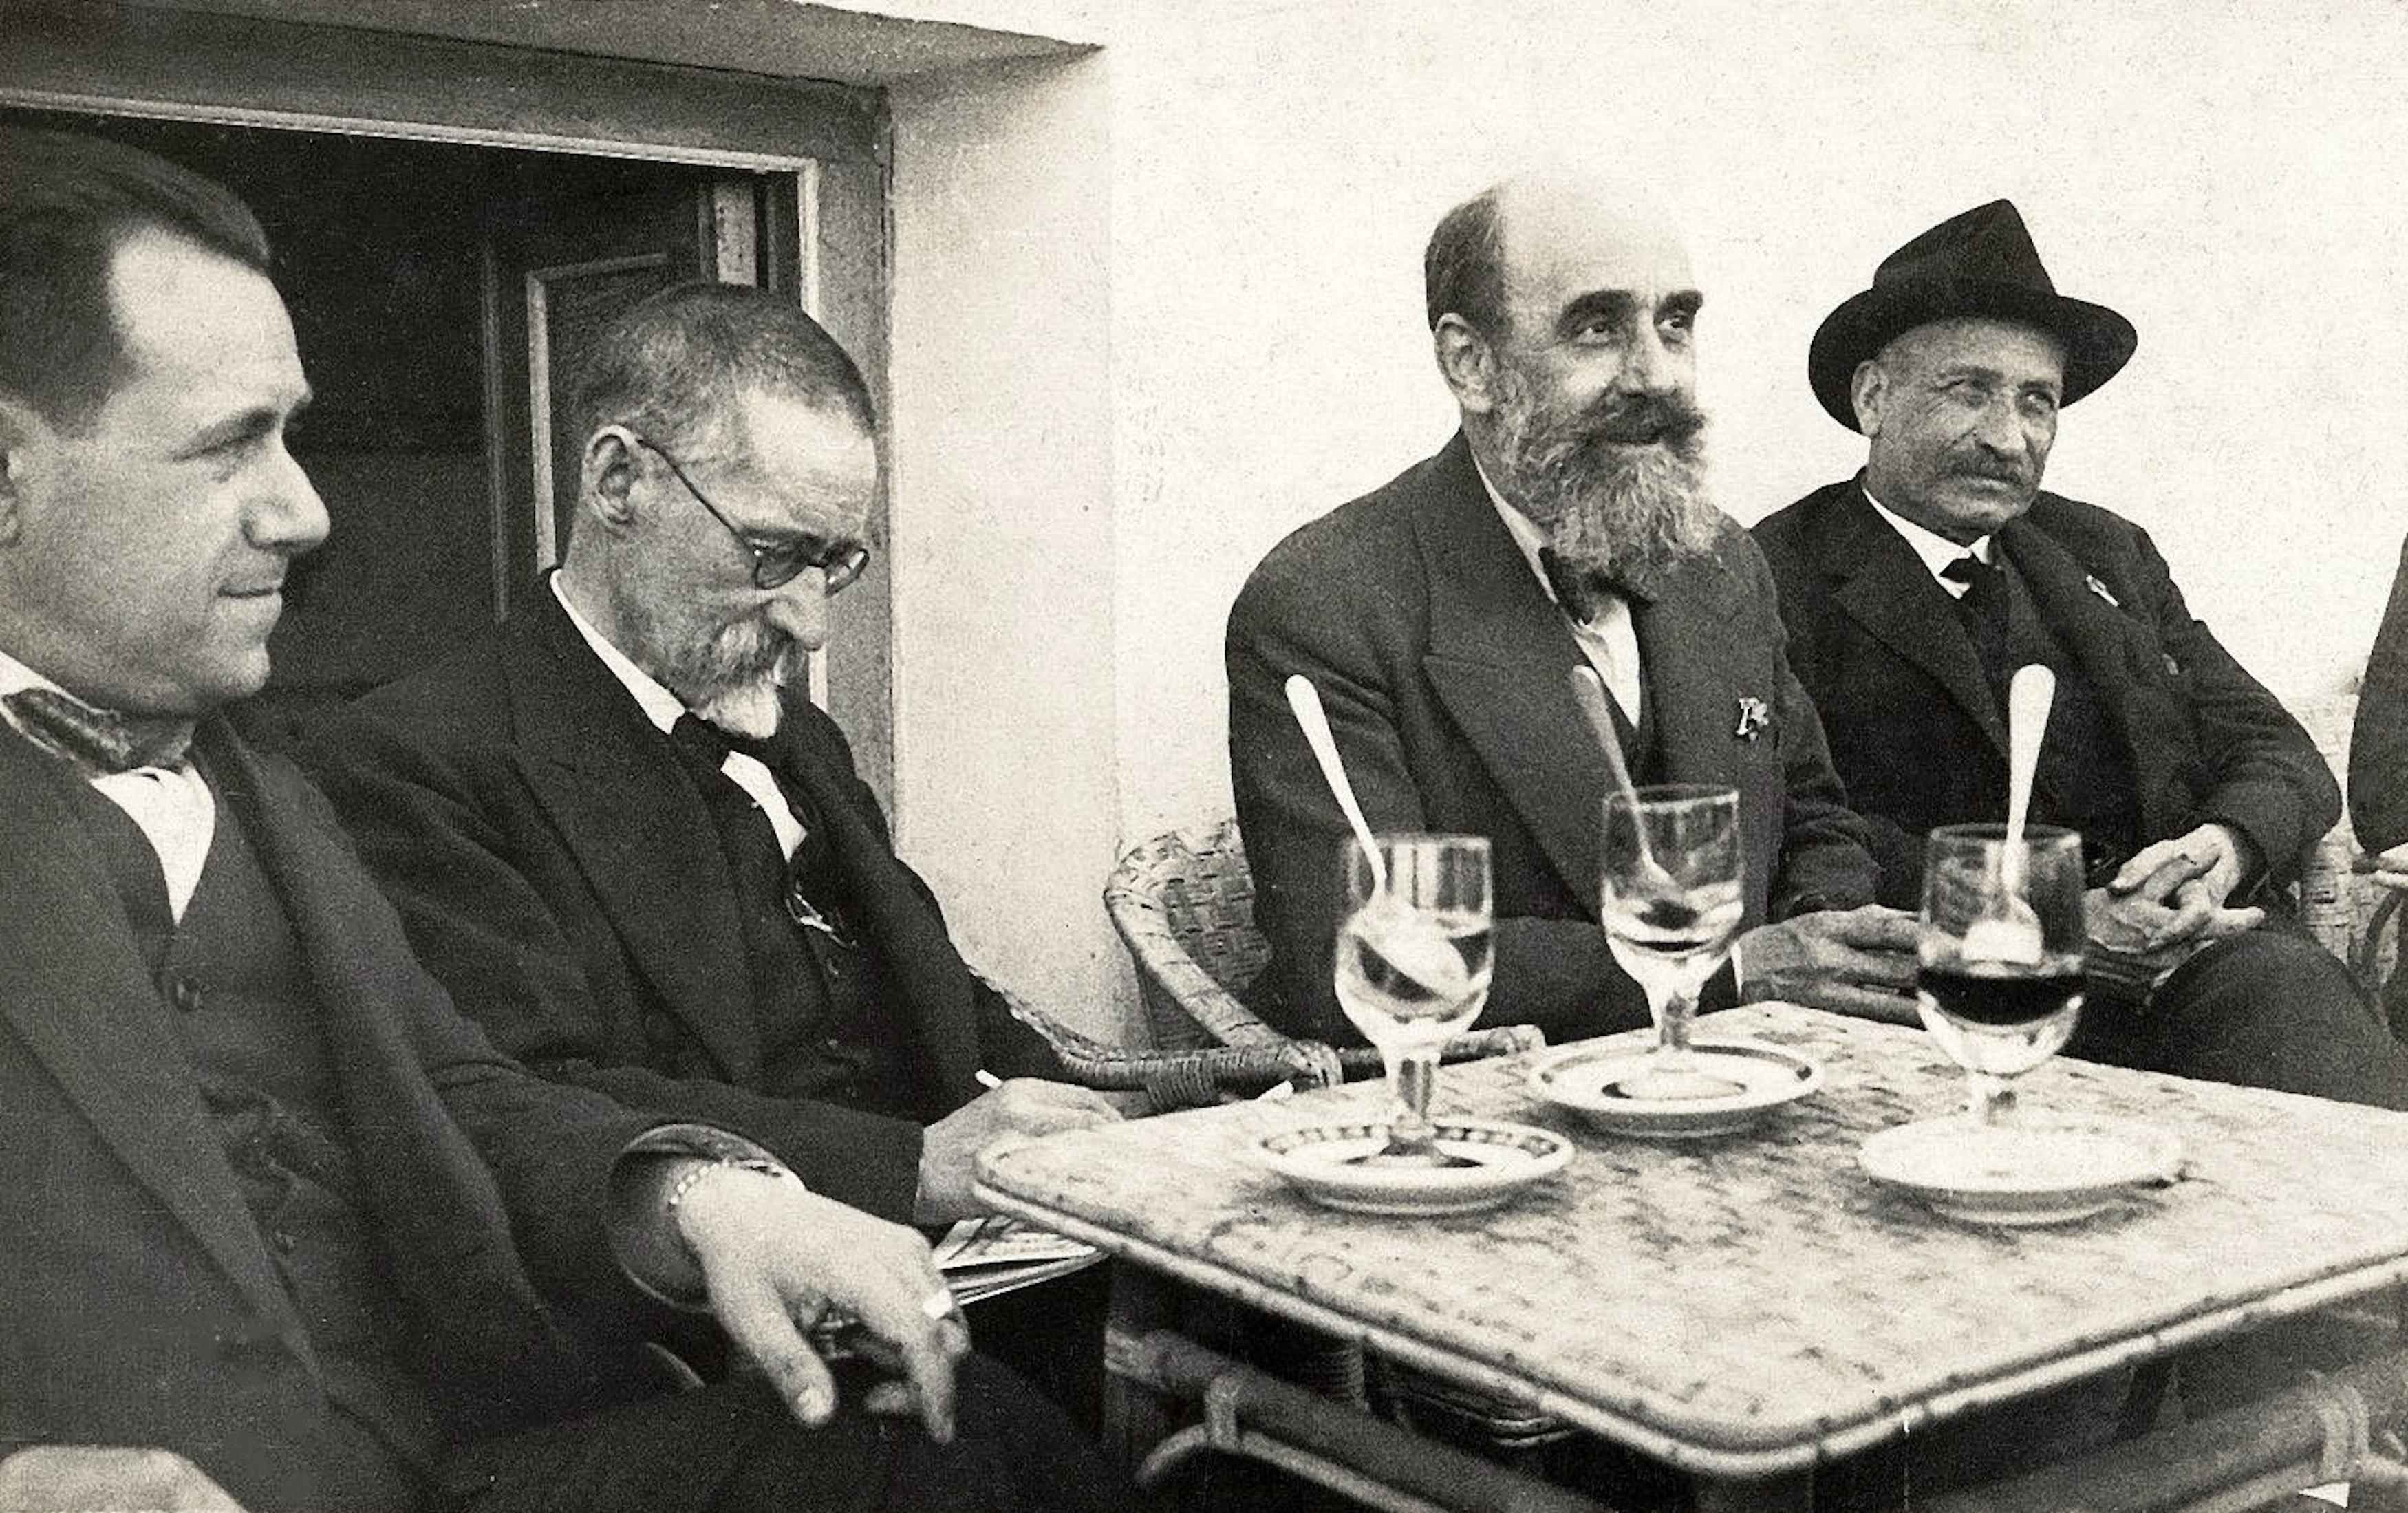 A la terrassa de l'Hotel Nervión, Sevilla. Joan Tomàs, Joan Salvat, Francesc Pujol i Lluís Millet. 1930. CEDOC